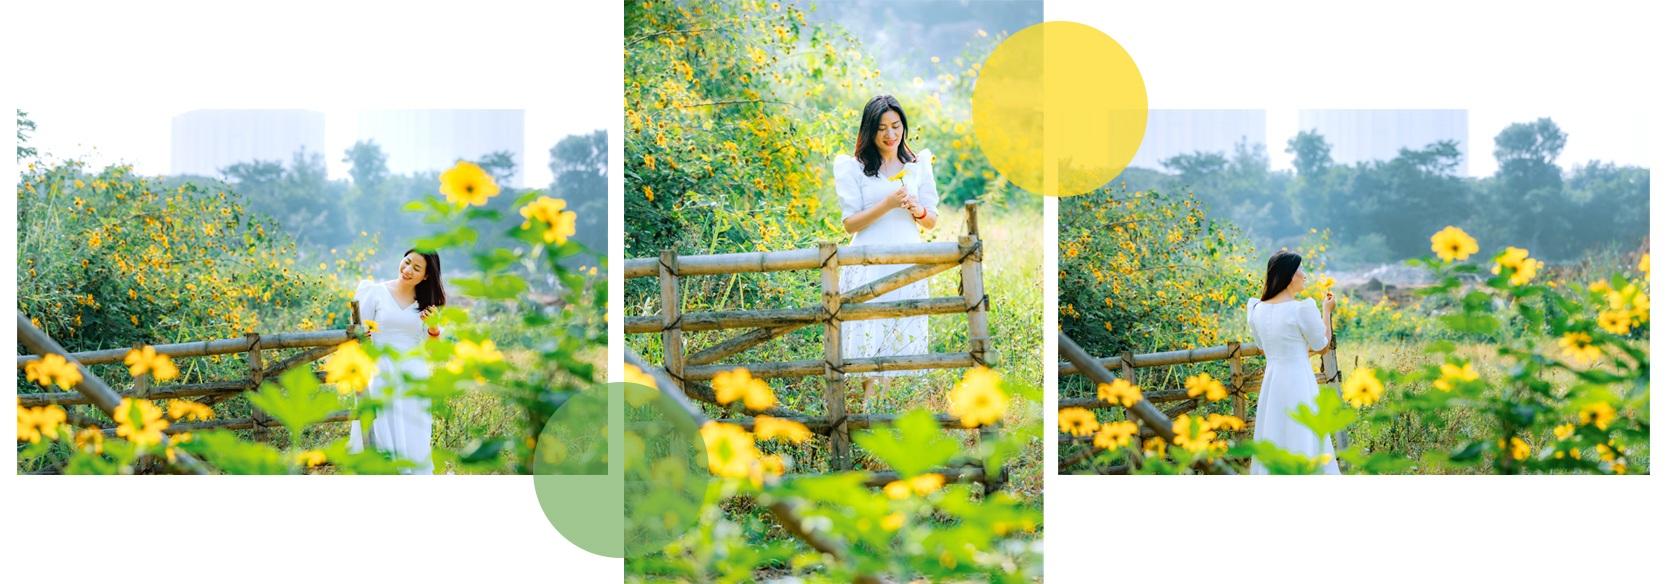 Về Ecopark ngắm cánh đồng hoa dã quỳ ngập tràn sắc vàng giữa trời đông - 5